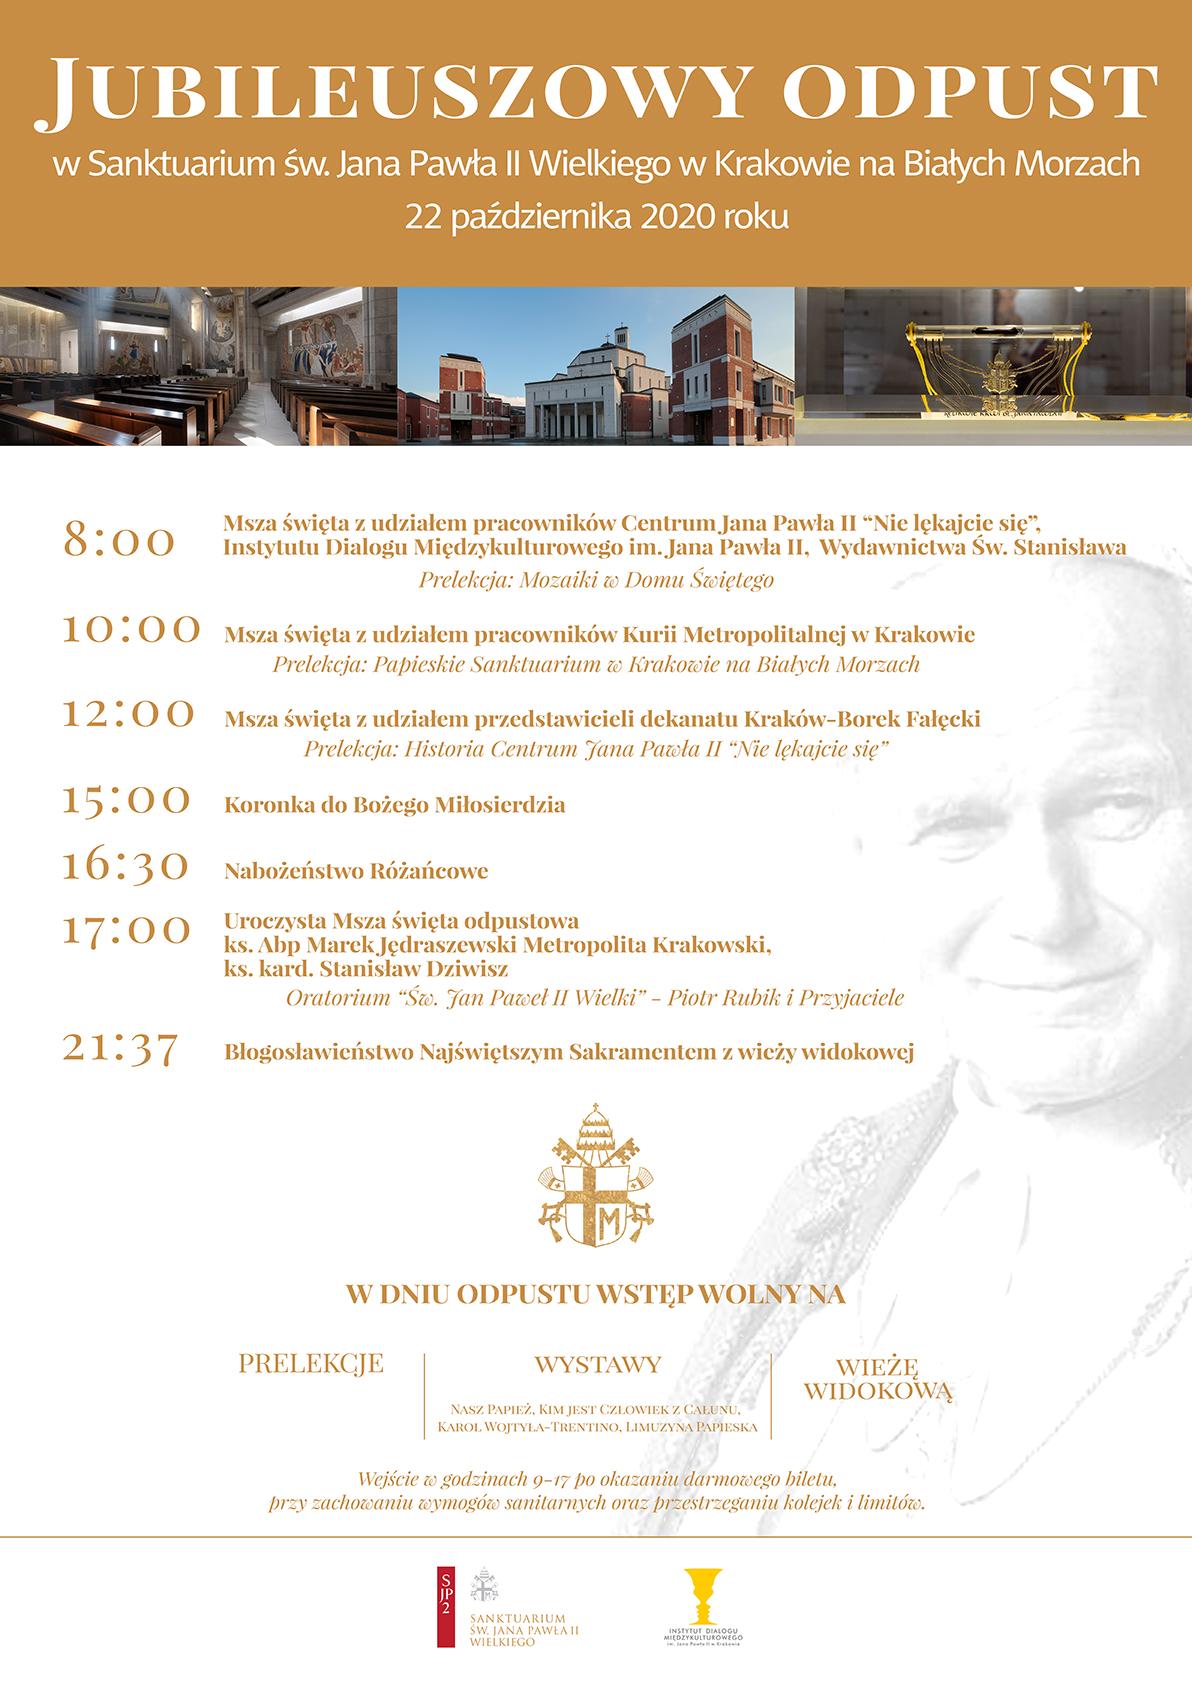 Jubileuszowy odpust w Sanktuarium św. Jana Pawła II